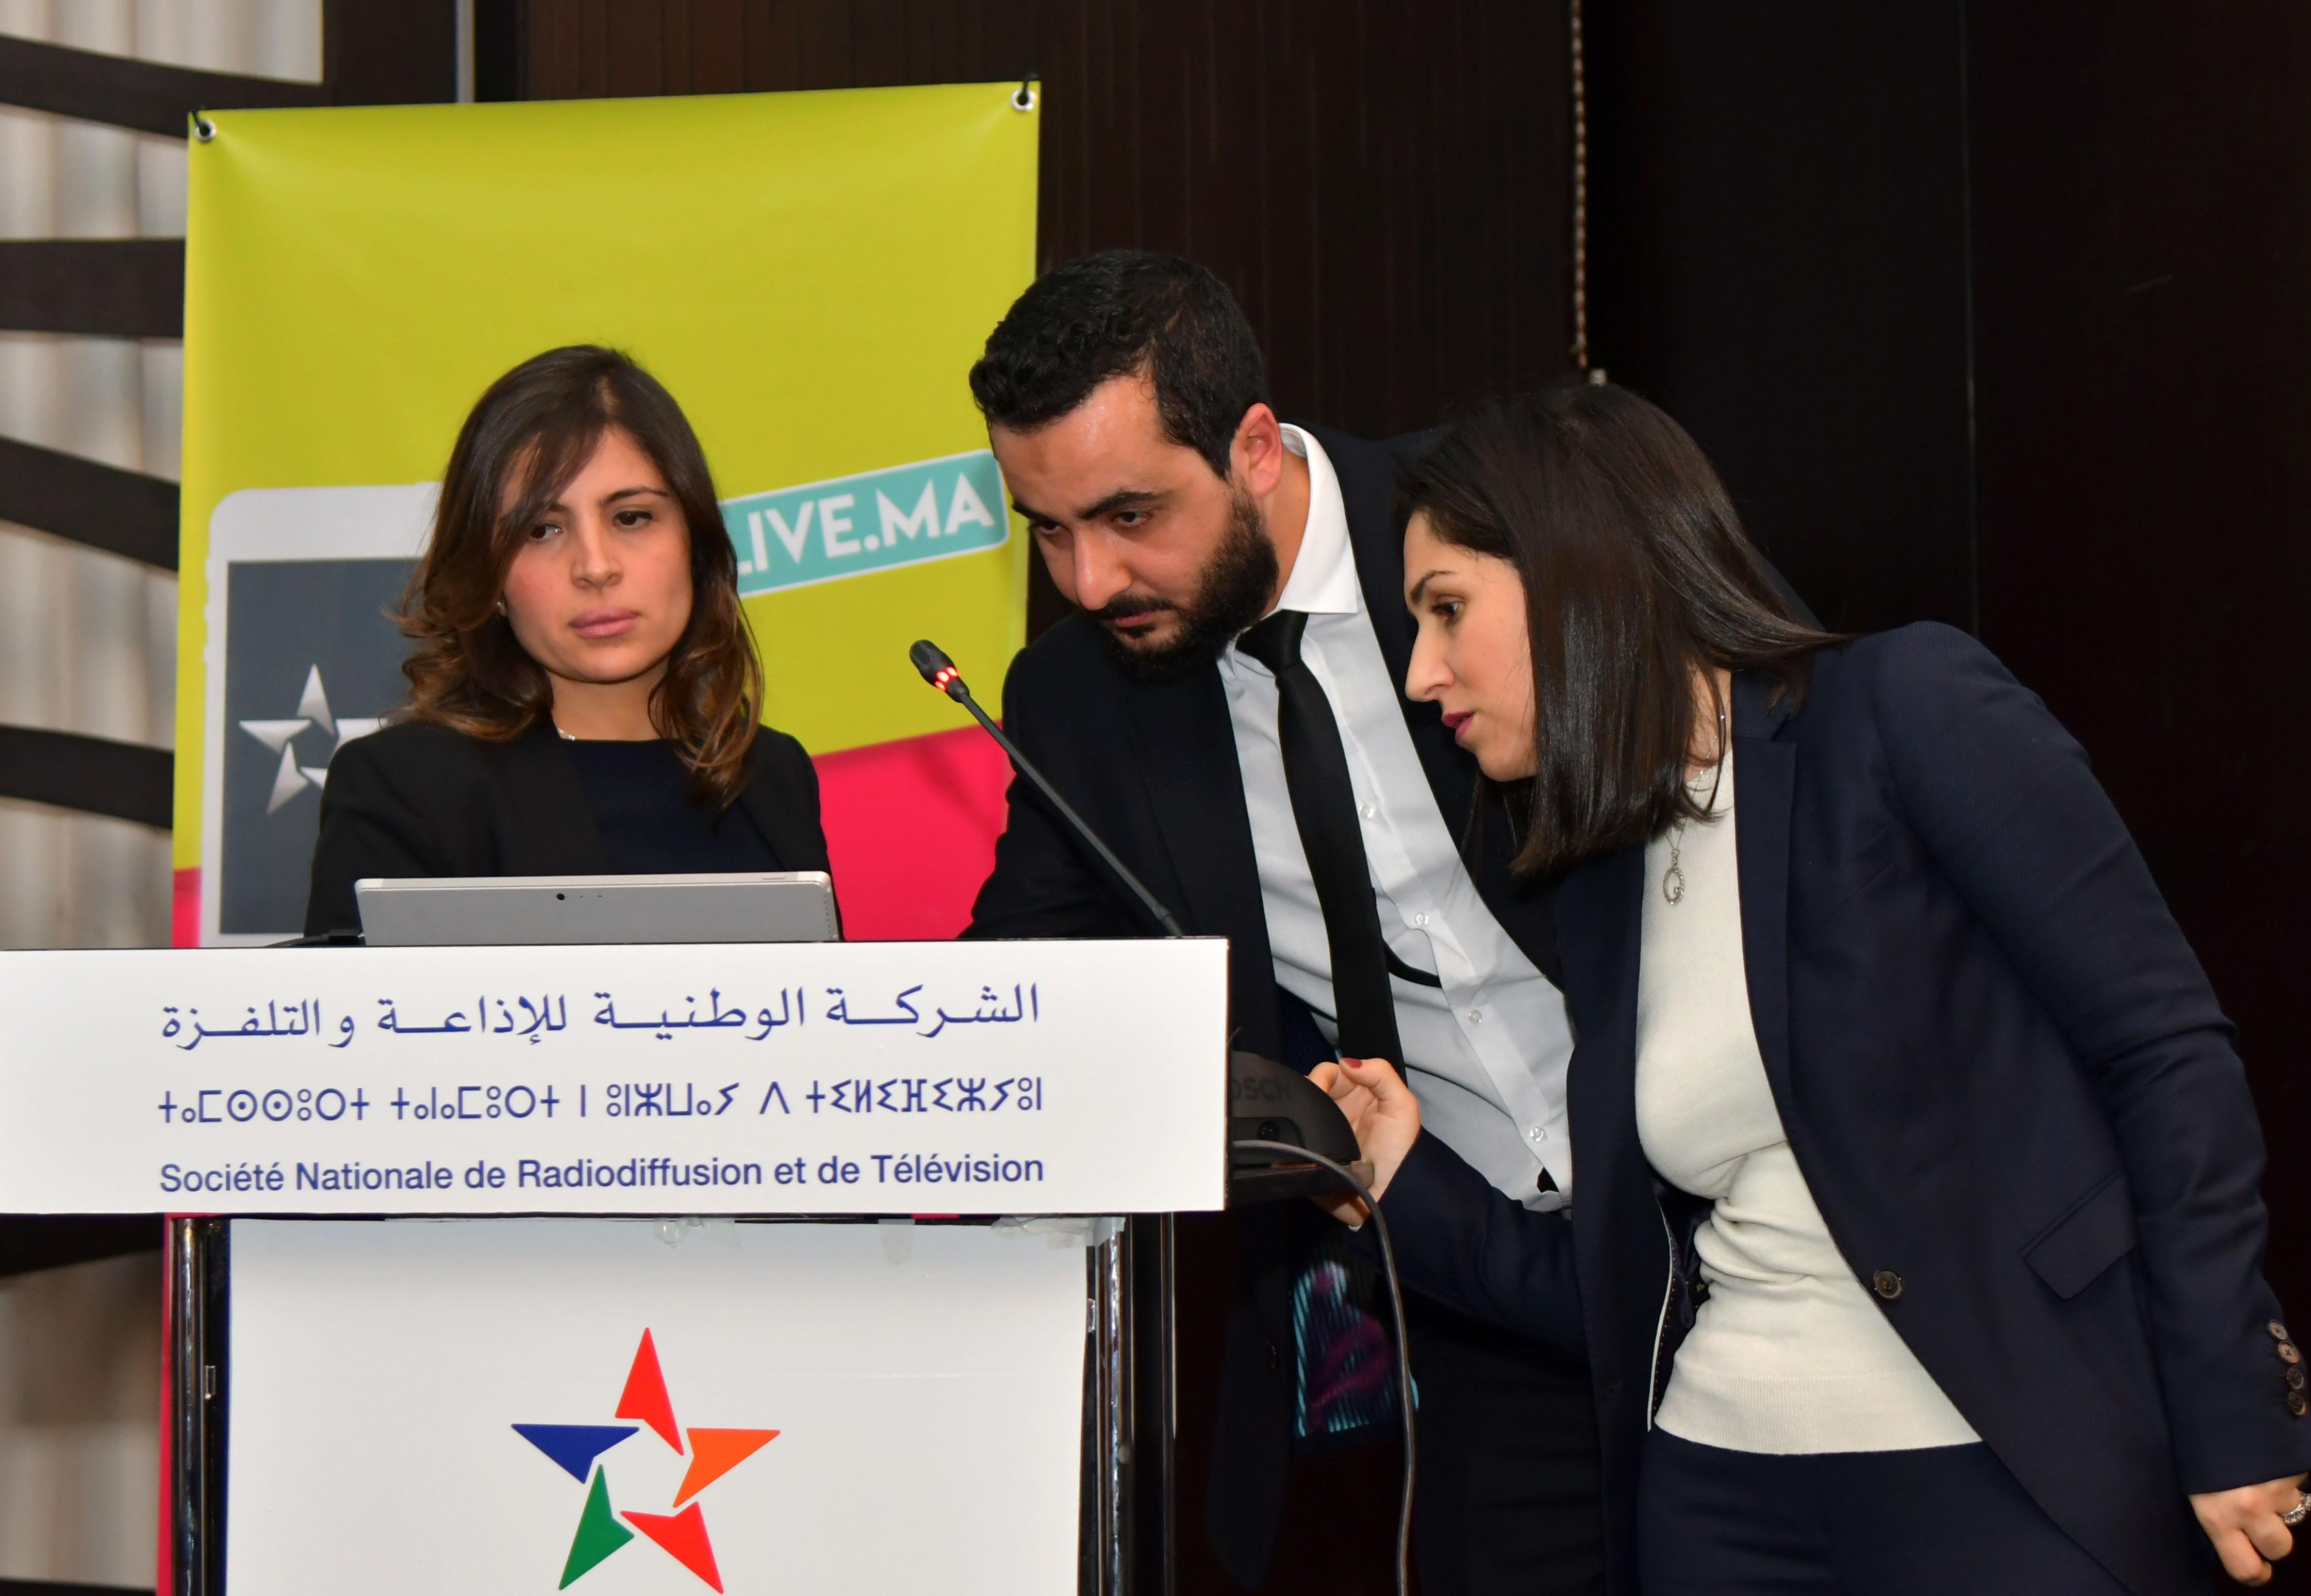 الشركة الوطنية للإذاعة والتلفزة المغربية SNRT